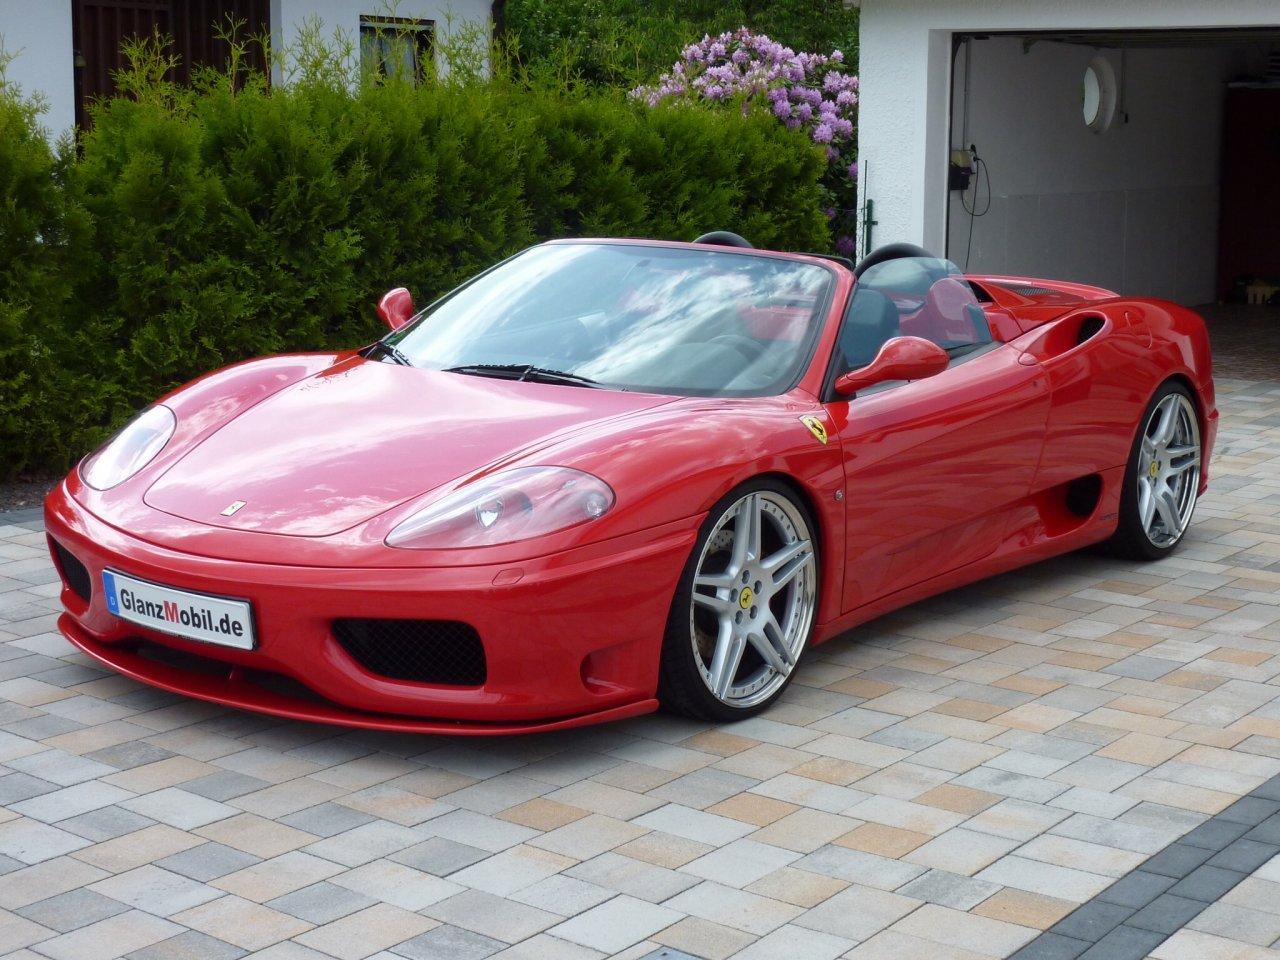 Ferrari 360 Spider Zaino Z2 in 3 Lagen.